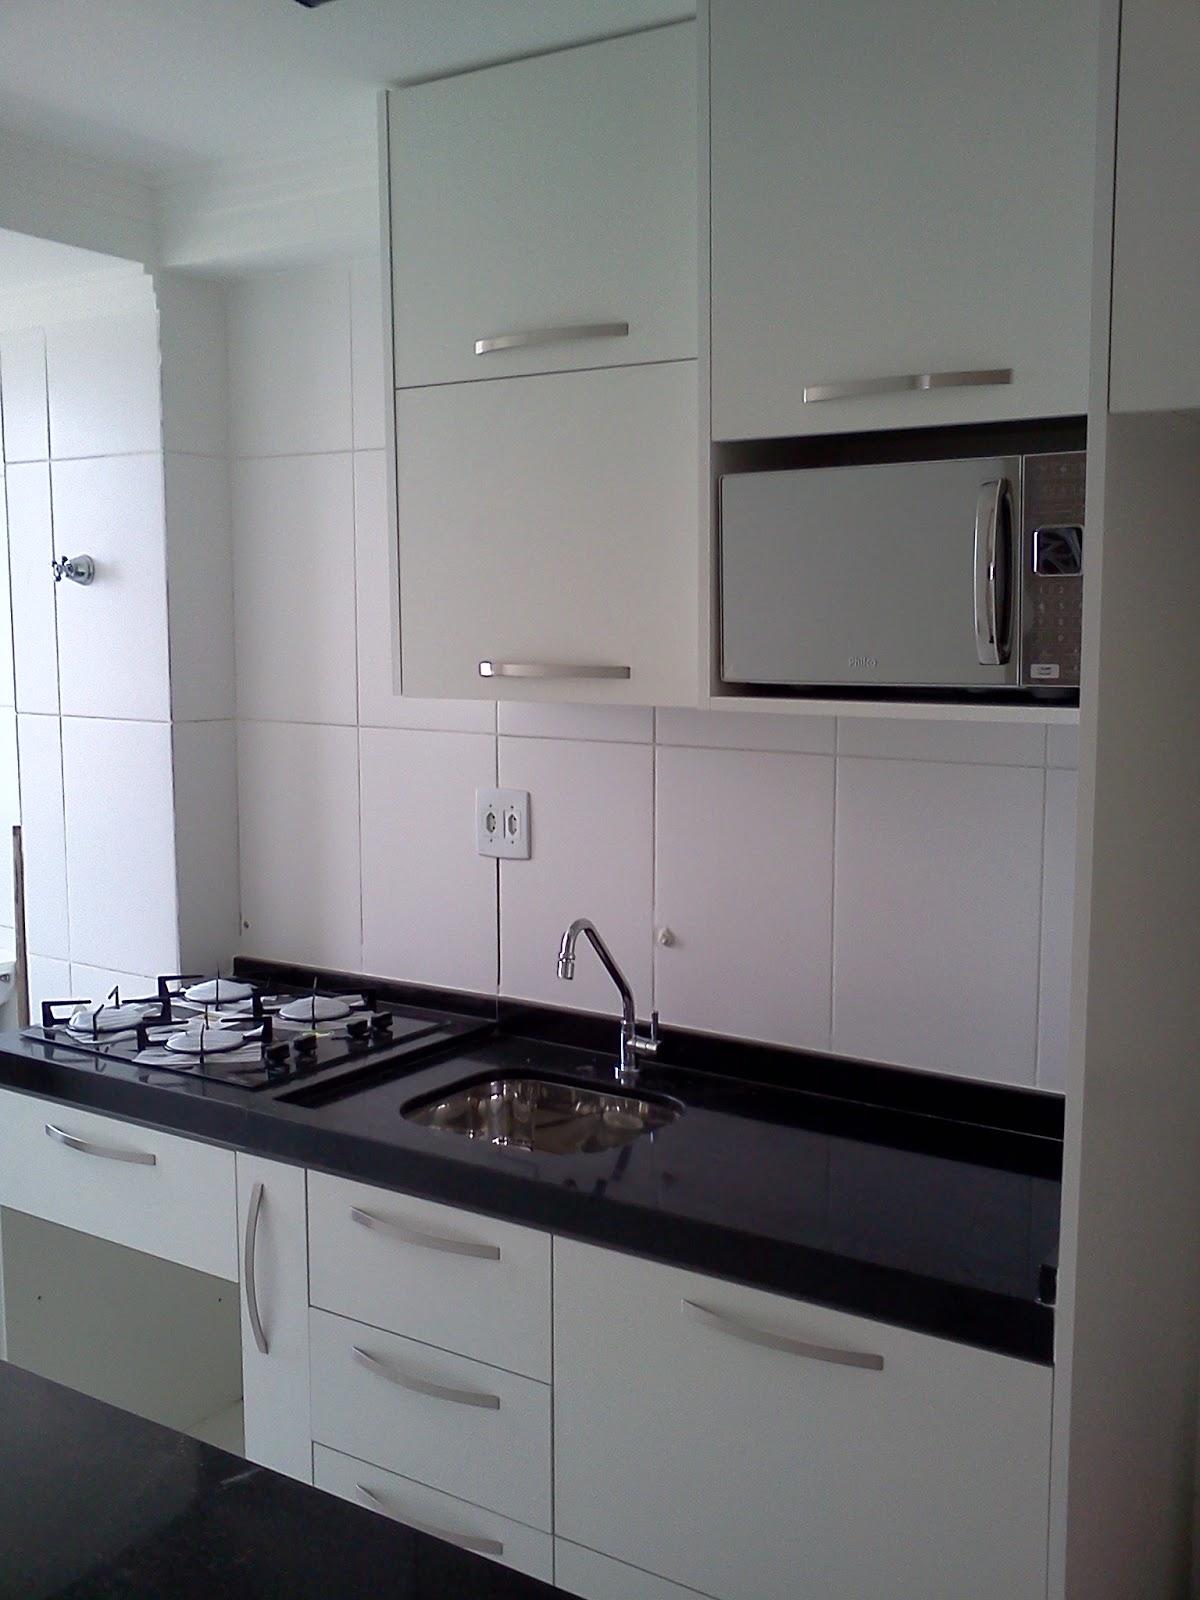 MOVEIS PLANEJADOS: Cozinha apartamento MRV #595D72 1200 1600